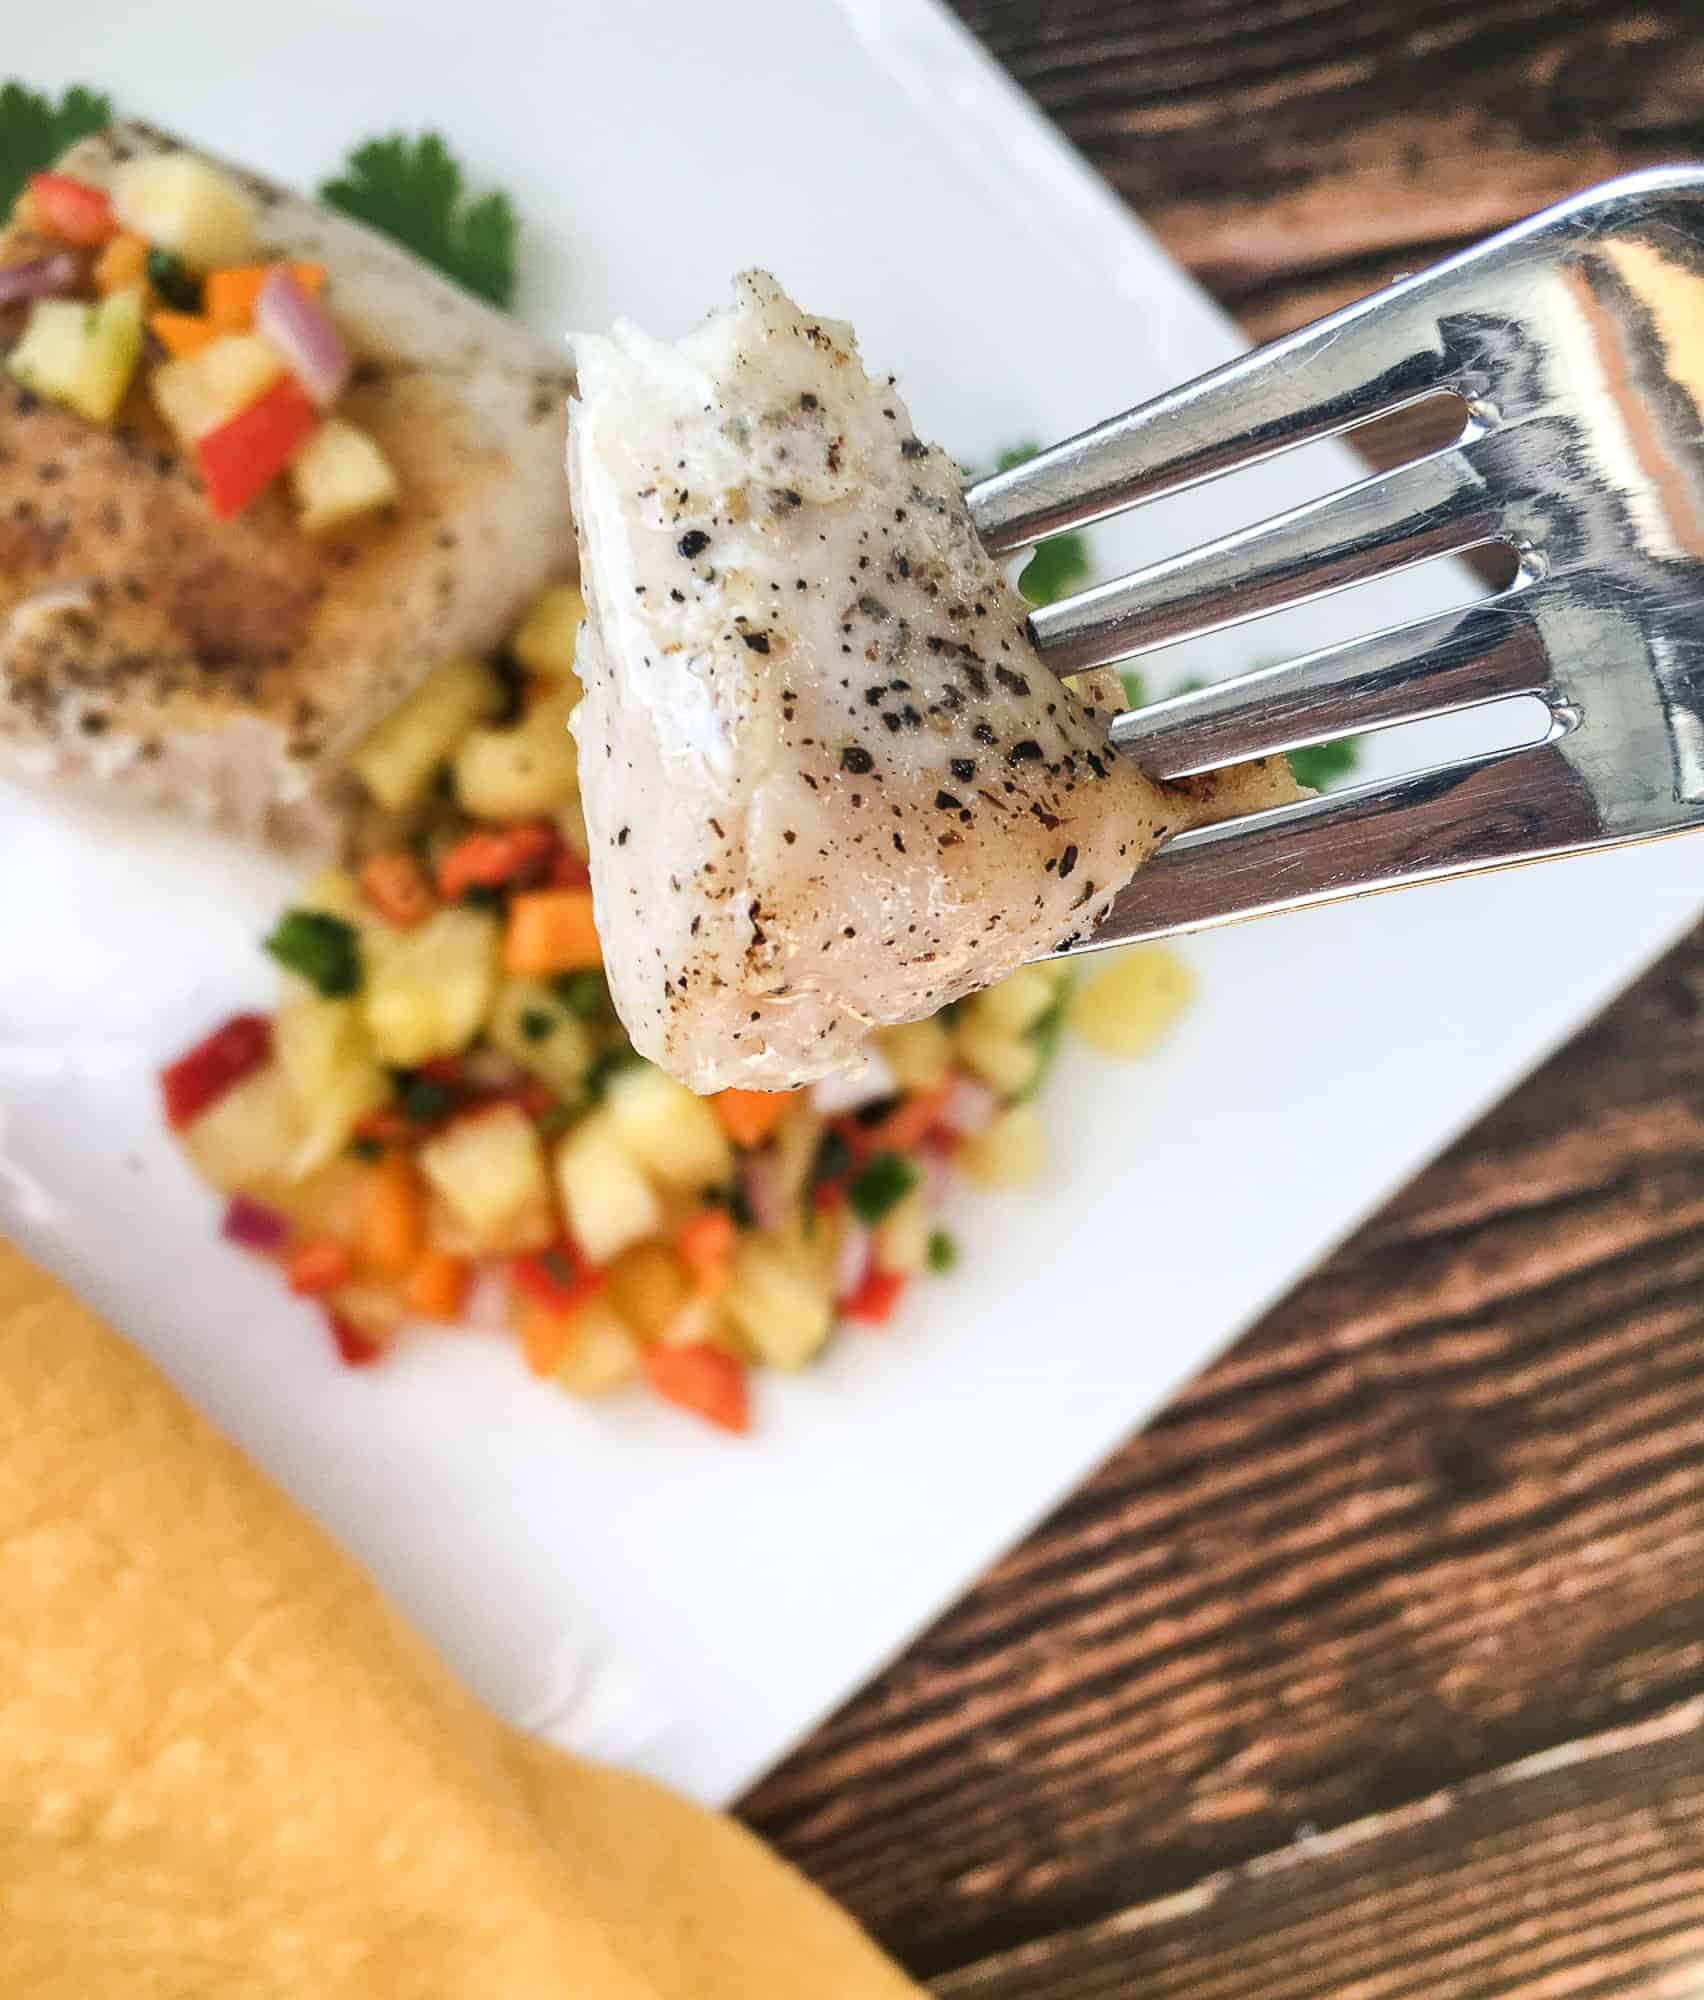 forkful of sous vide swordfish